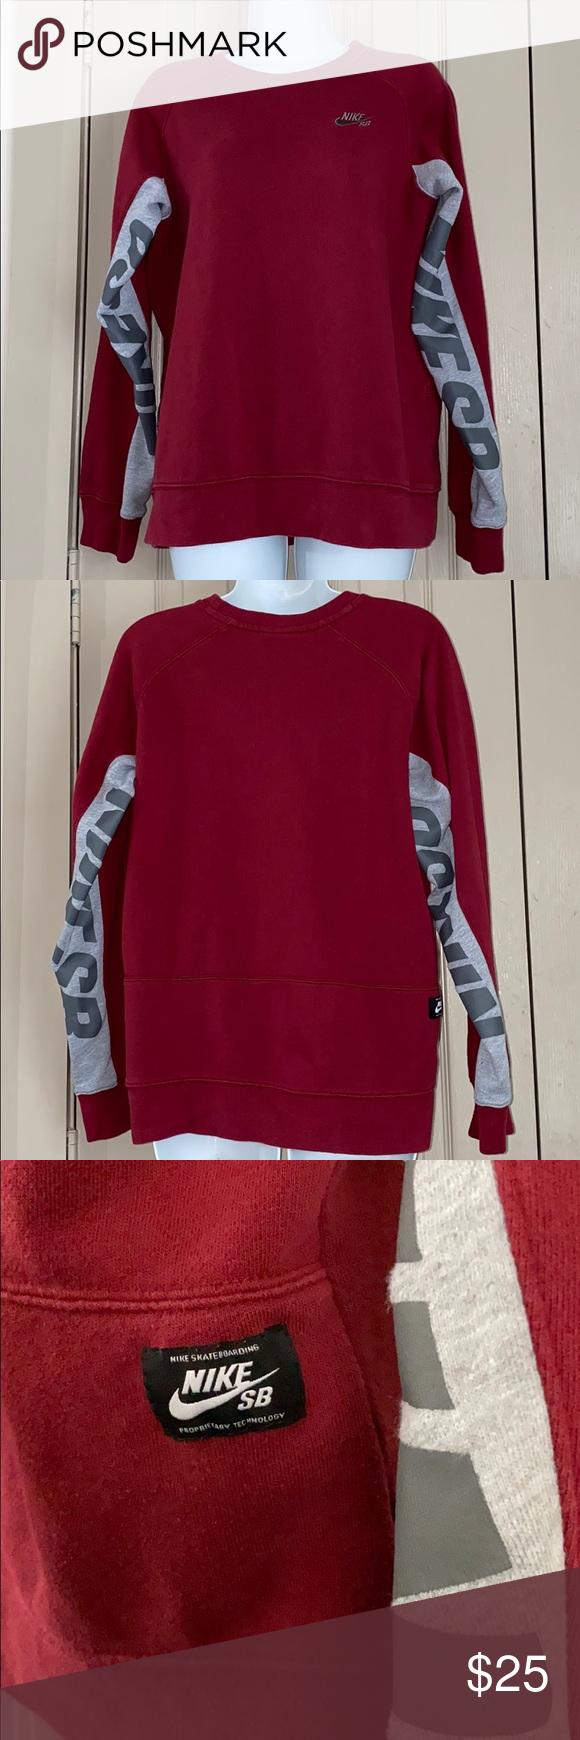 Predownload: Nike Sb Sweatshirt Sweatshirts Sweatshirts Hoodie Nike Sb [ 1740 x 580 Pixel ]